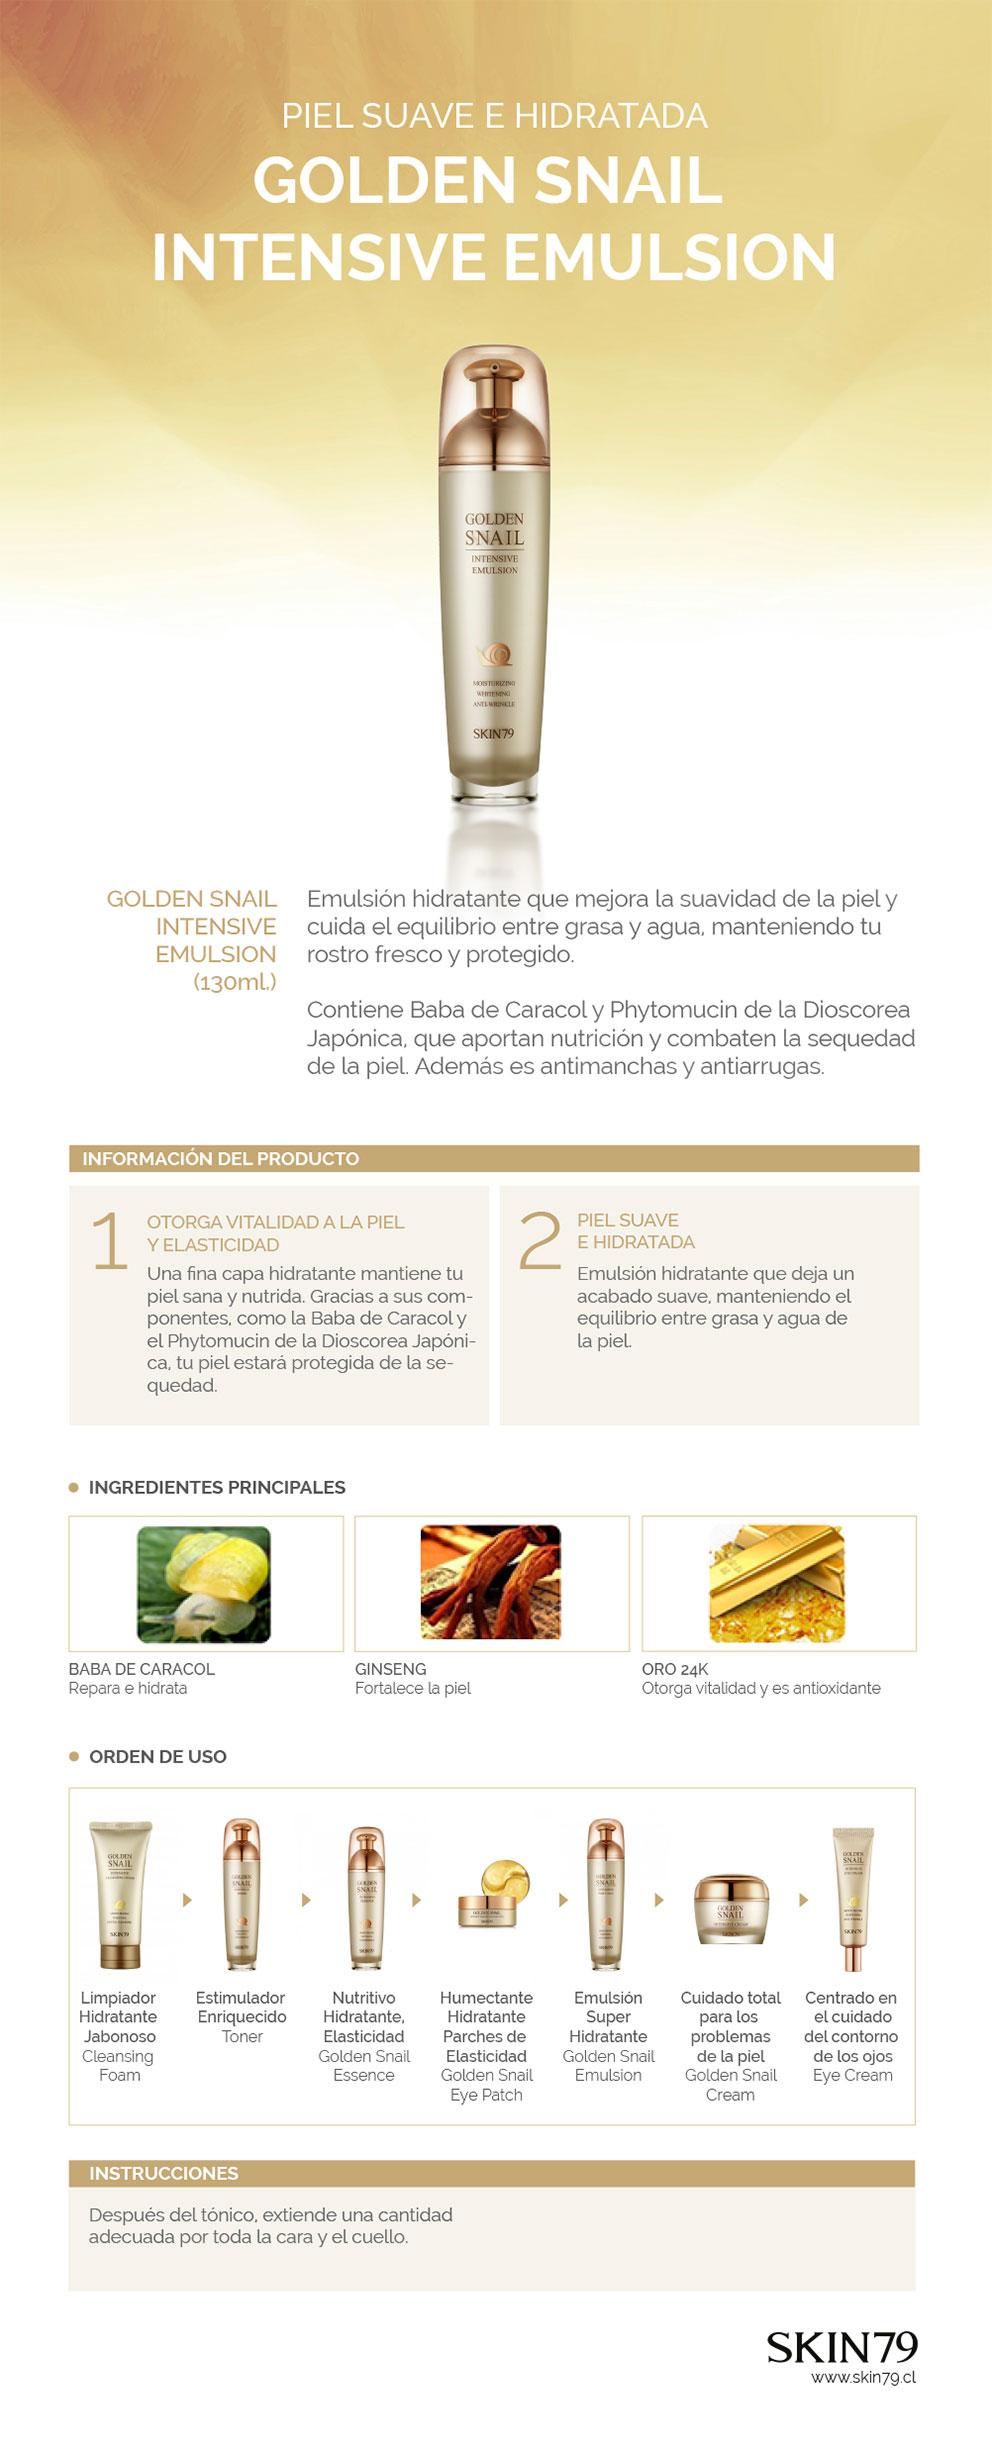 GOLDEN SNAIL INTENSIVE EMULSION - Skin79